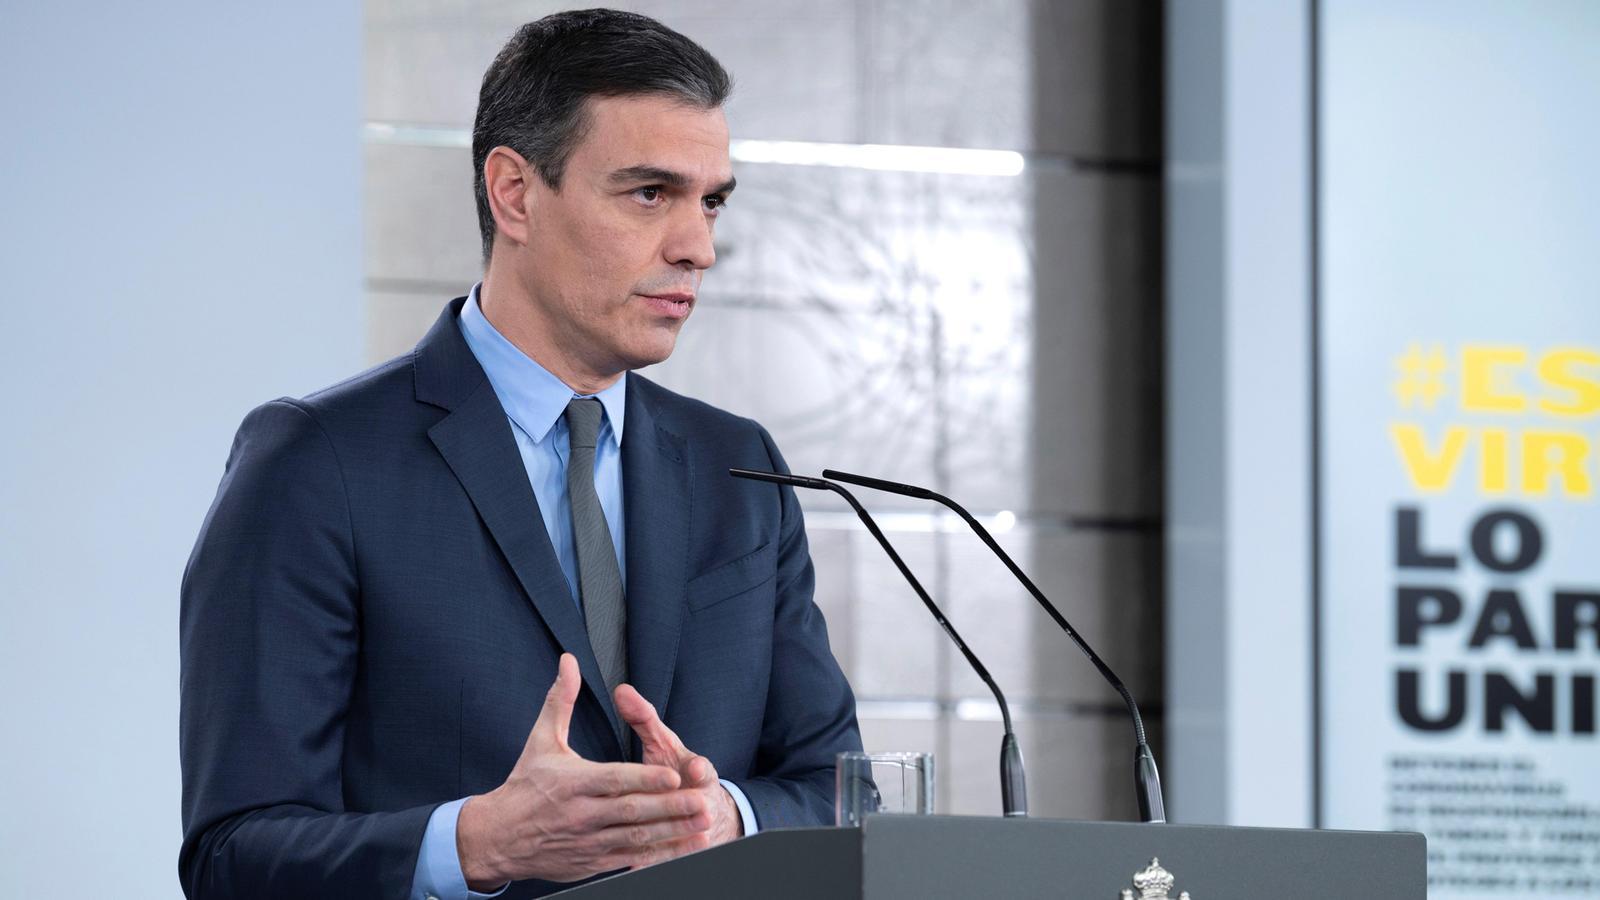 Caos de la Moncloa amb el BOE, i a Catalunya comencen les dues pitjors setmanes per a les UCI: les claus del dia, amb Antoni Bassas (30/03/2020)